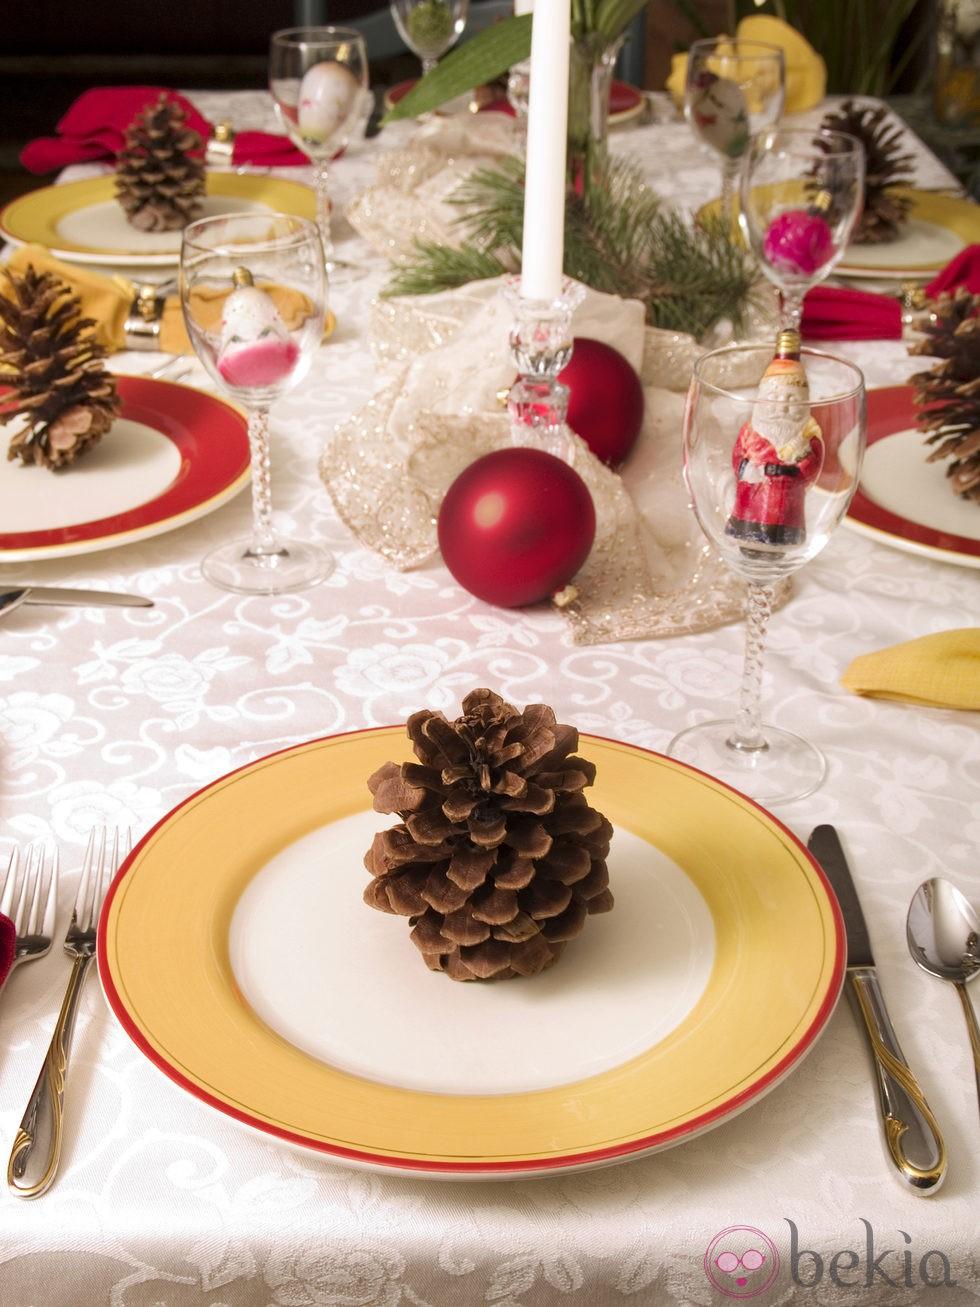 Como decorar una fiesta de graduacion en casa mejor - Decorar mesa navidad ...